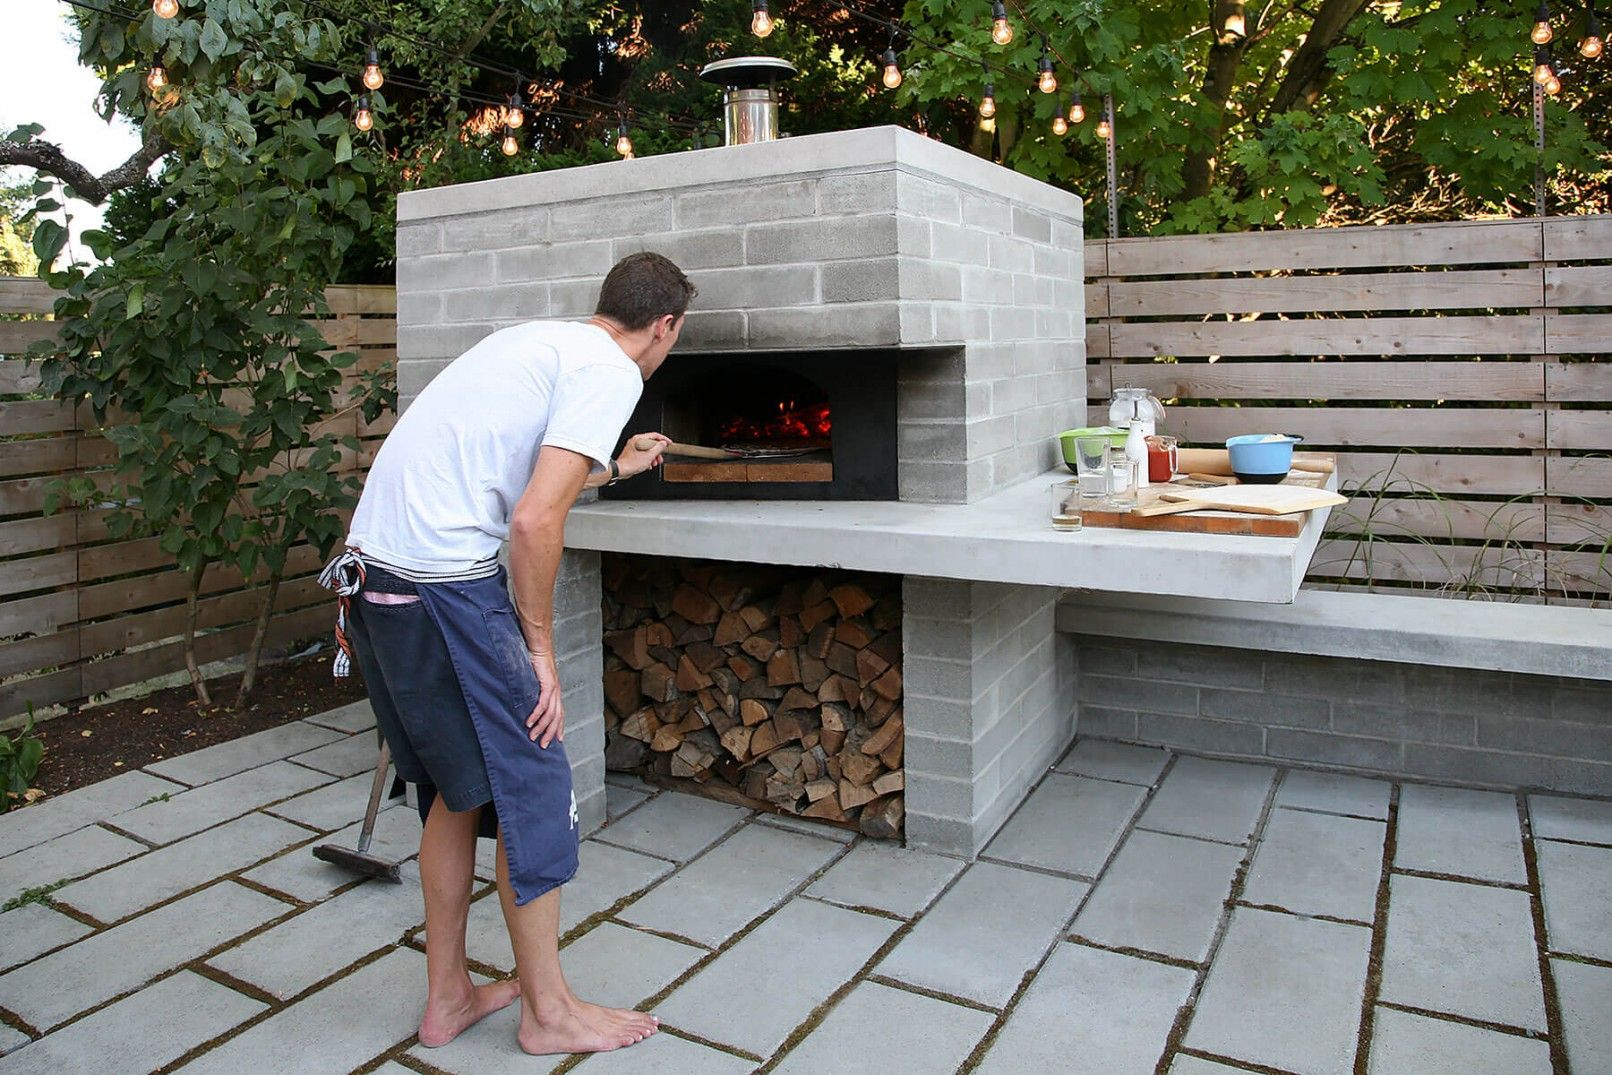 Seattle Modern Architects Backyard Pizza Oven Pizza Oven Outdoor Brick Pizza Oven Outdoor